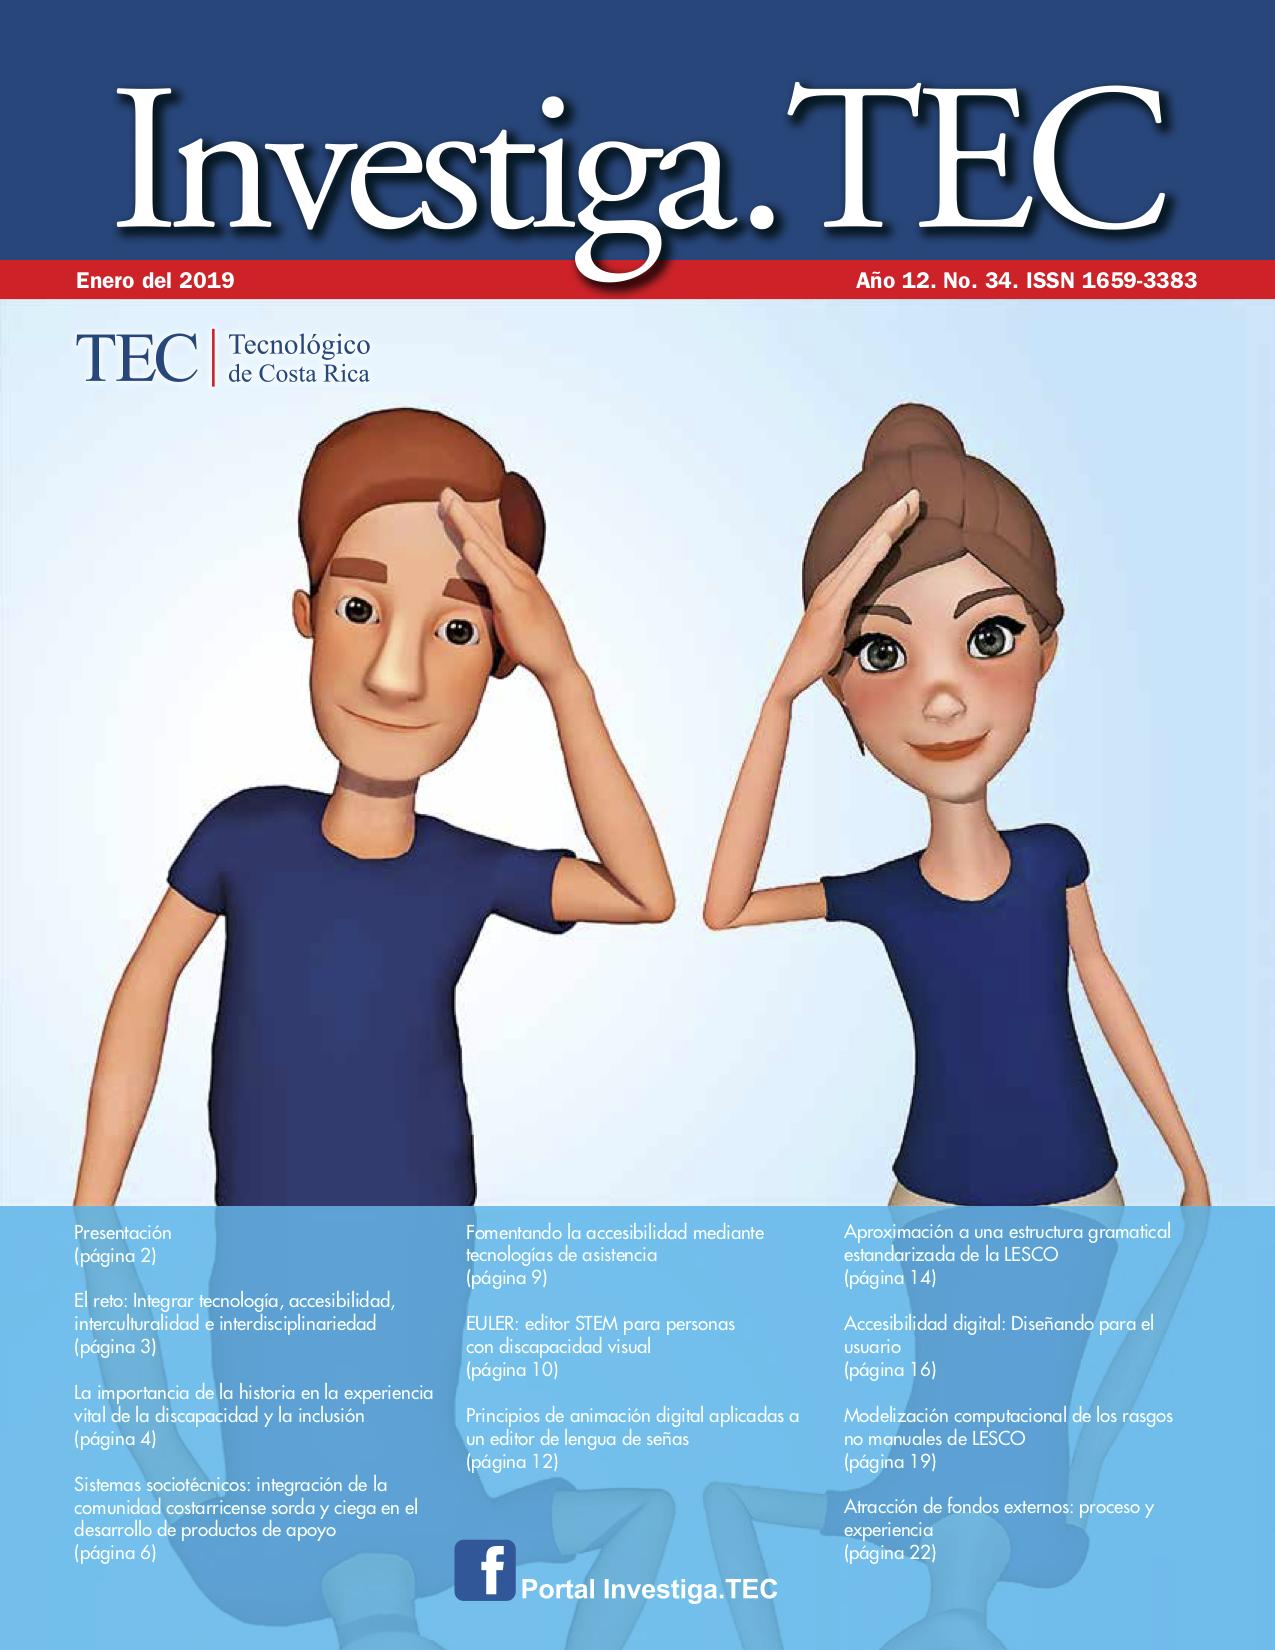 La imagen de portada presenta la figura del avatar -mujer y hombre- del proyecto tra- ductor de LESCO.